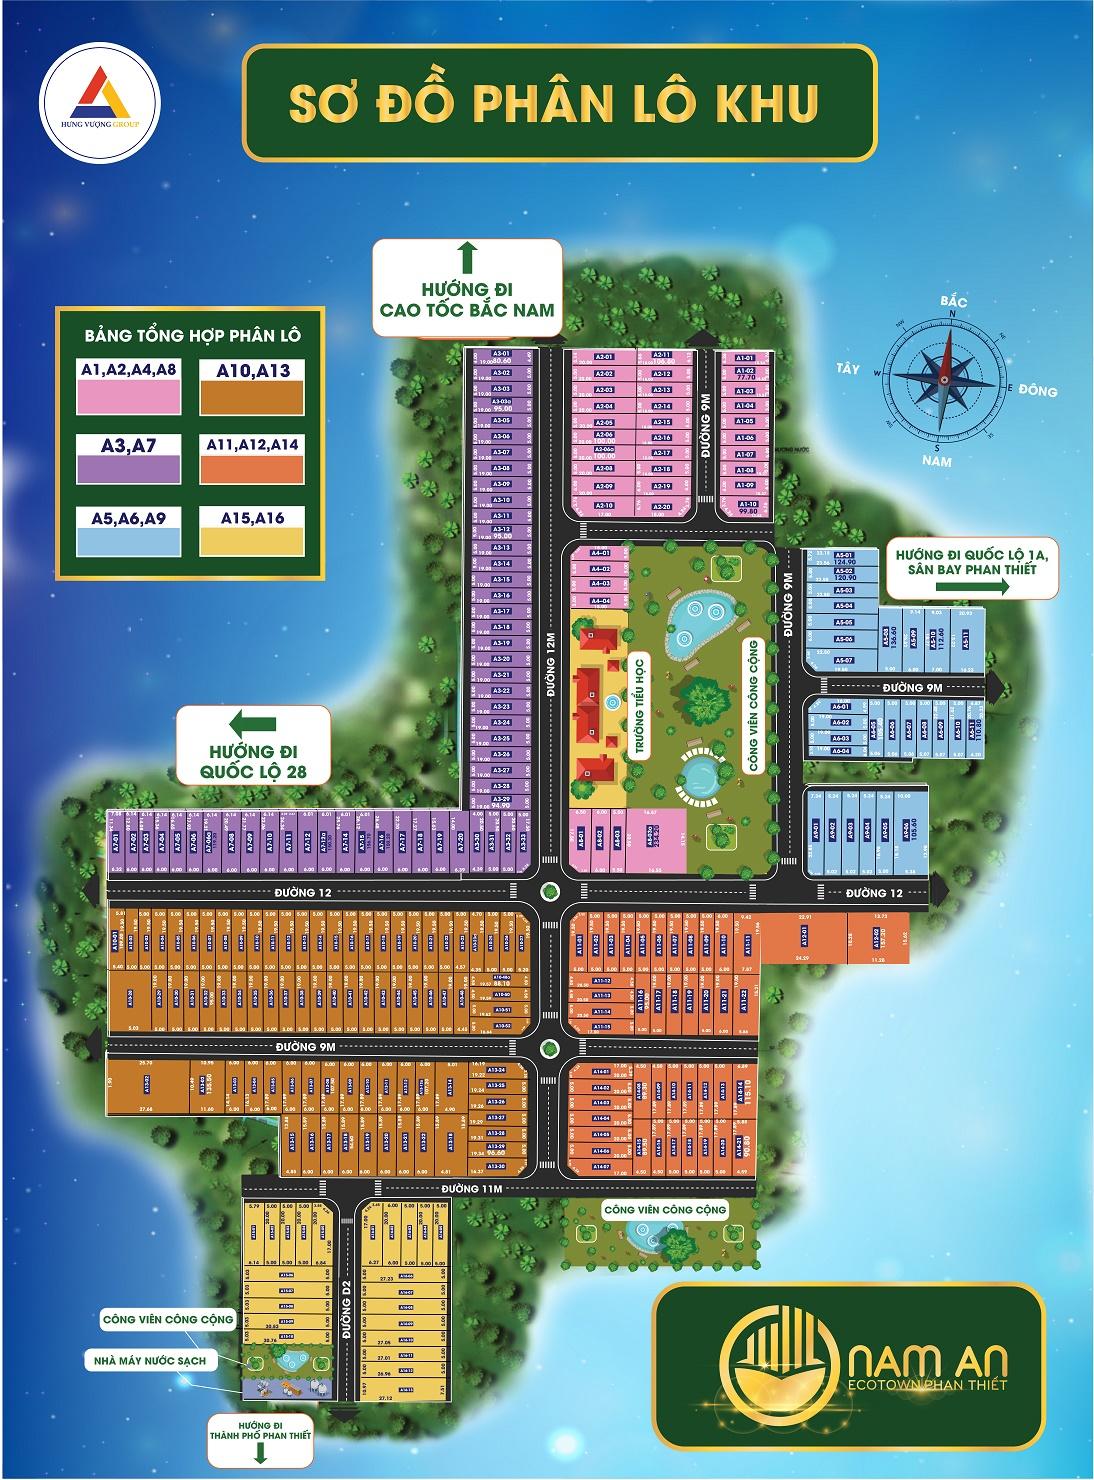 Sơ đồ Phân lô Khu A Dự án Nam An Eco Town Phan Thiết